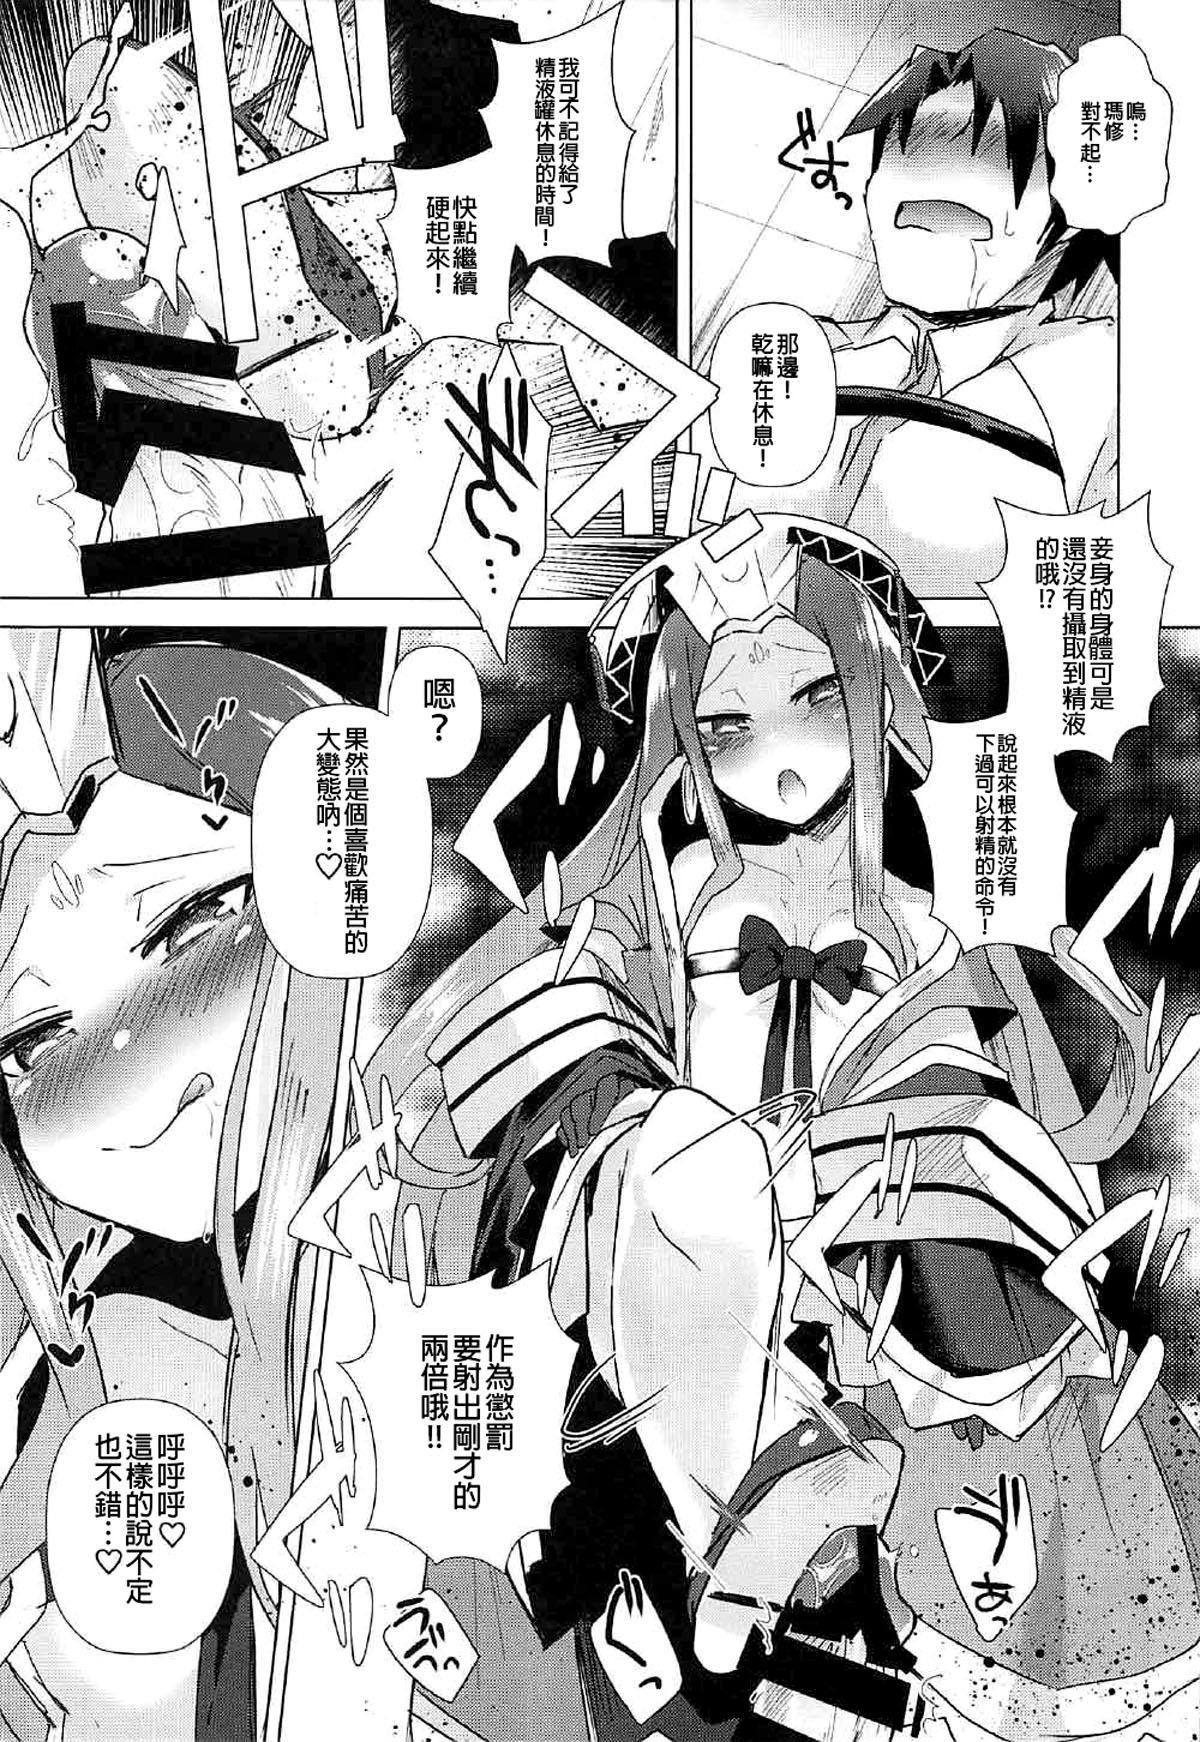 Agartha de Maketa node Seidorei ni Naru 6